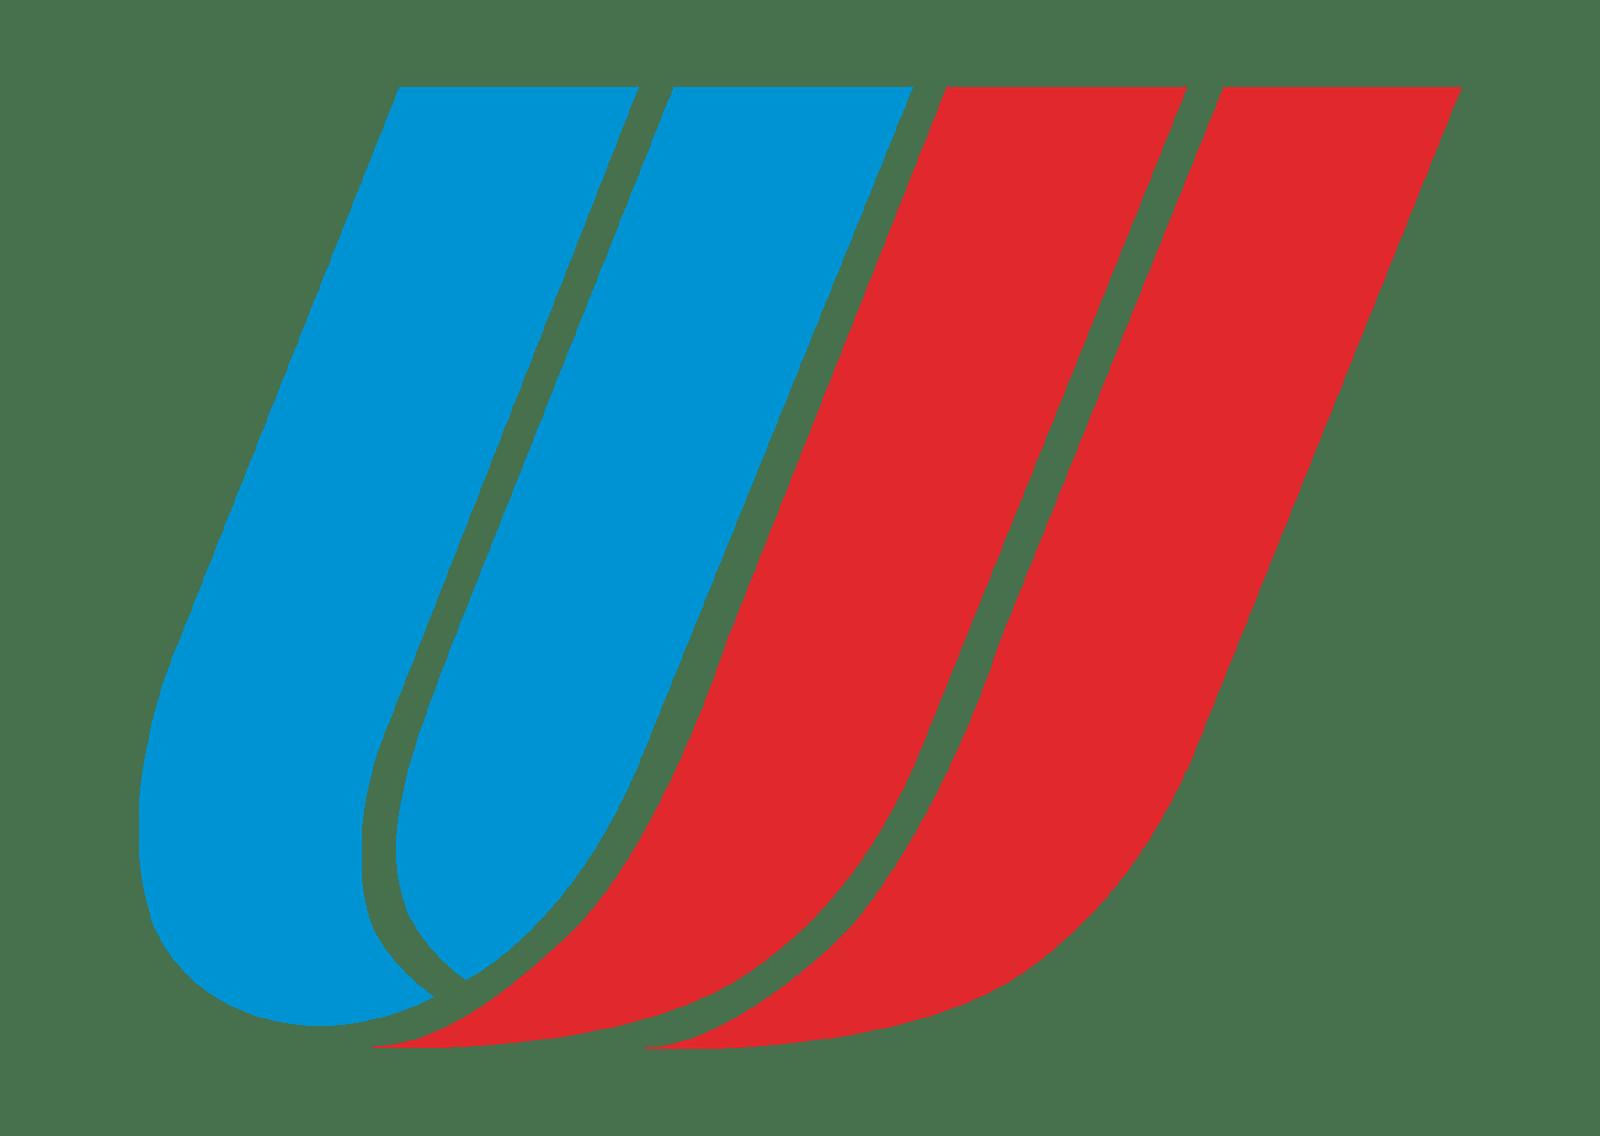 شركة المتحدة كلين لخدمات التنظيف